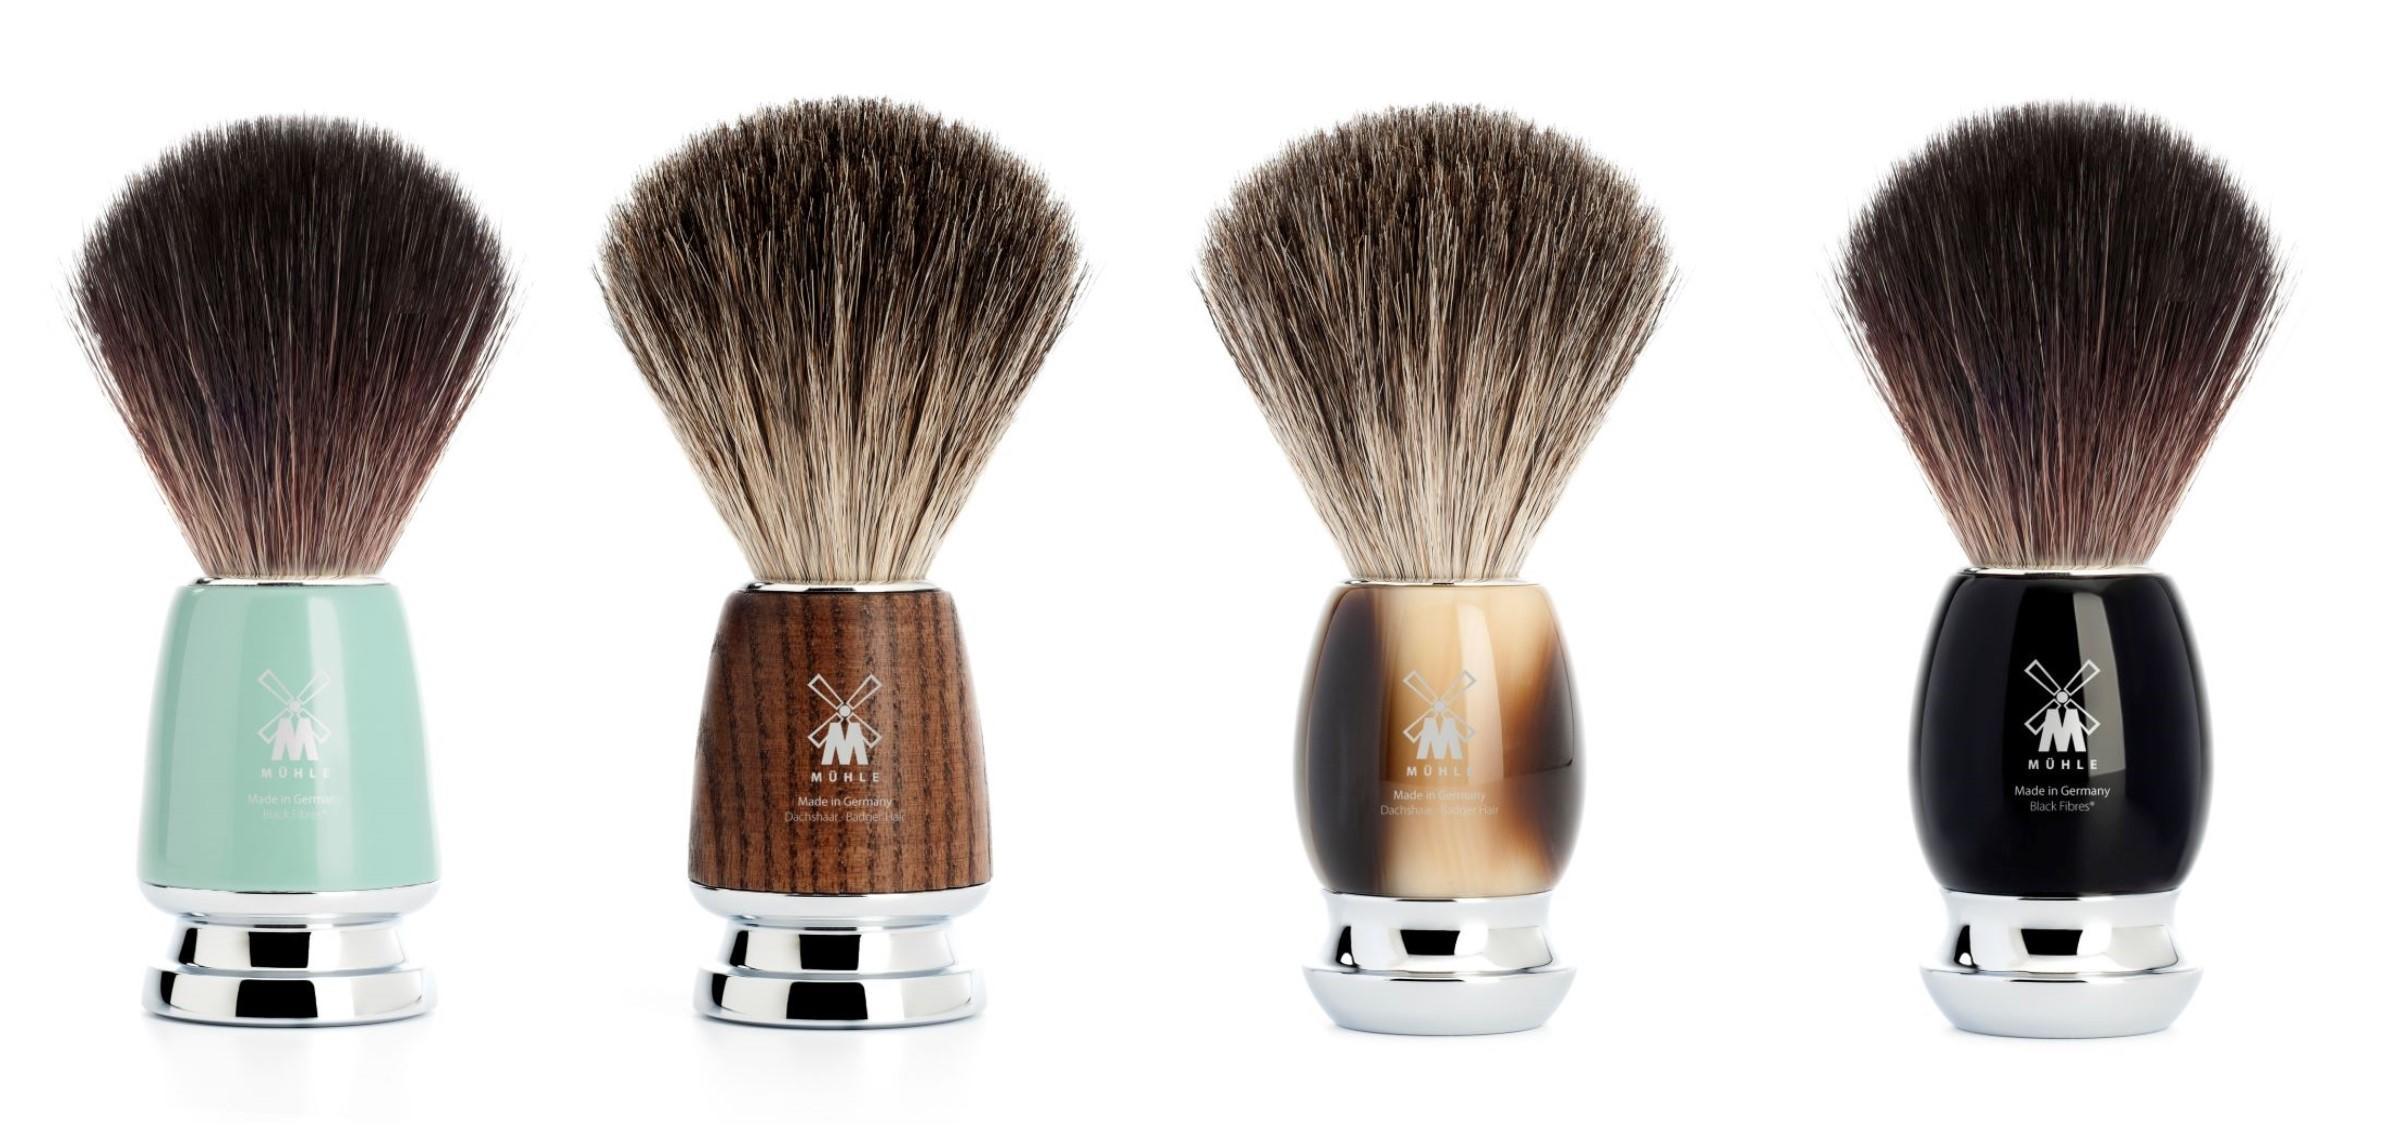 (from left to right): The Mint RYTMO Black Fibre Shaving Brush (21M224), The Steamed Ash RYTMO Pure Badger Shaving Brush (81H220), The Horn Resin VIVO Pure Badger Shaving Brush (81M332), The Black Resin VIVO Black Fibre Shaving Brush (21M336)